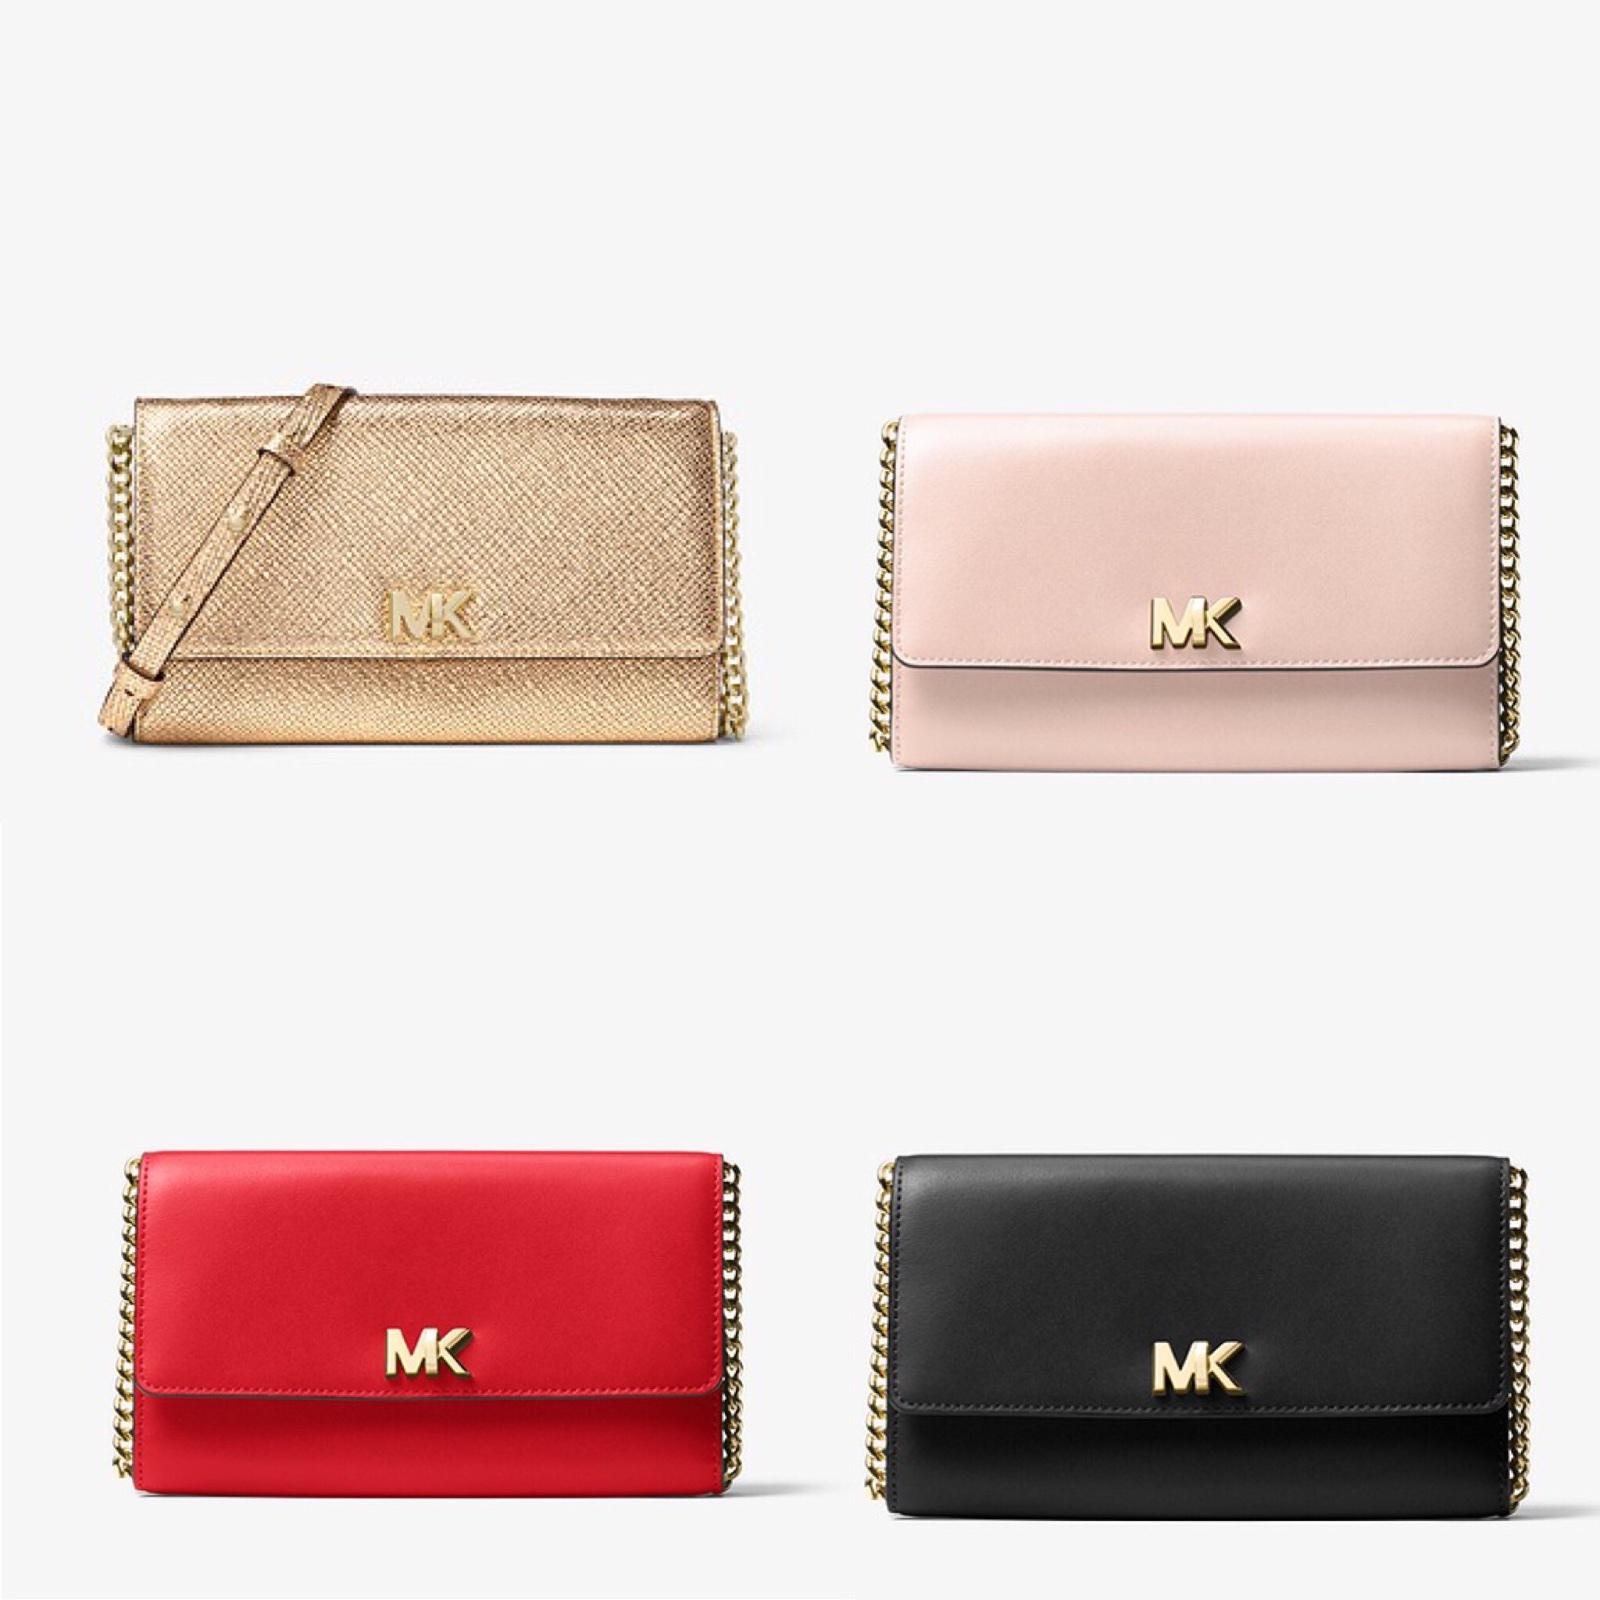 8d01af860 Luxusná michael kors clutch kabelka, originál, - 129 € od predávajúcej  elegancy | Detský bazár | ModryKonik.sk